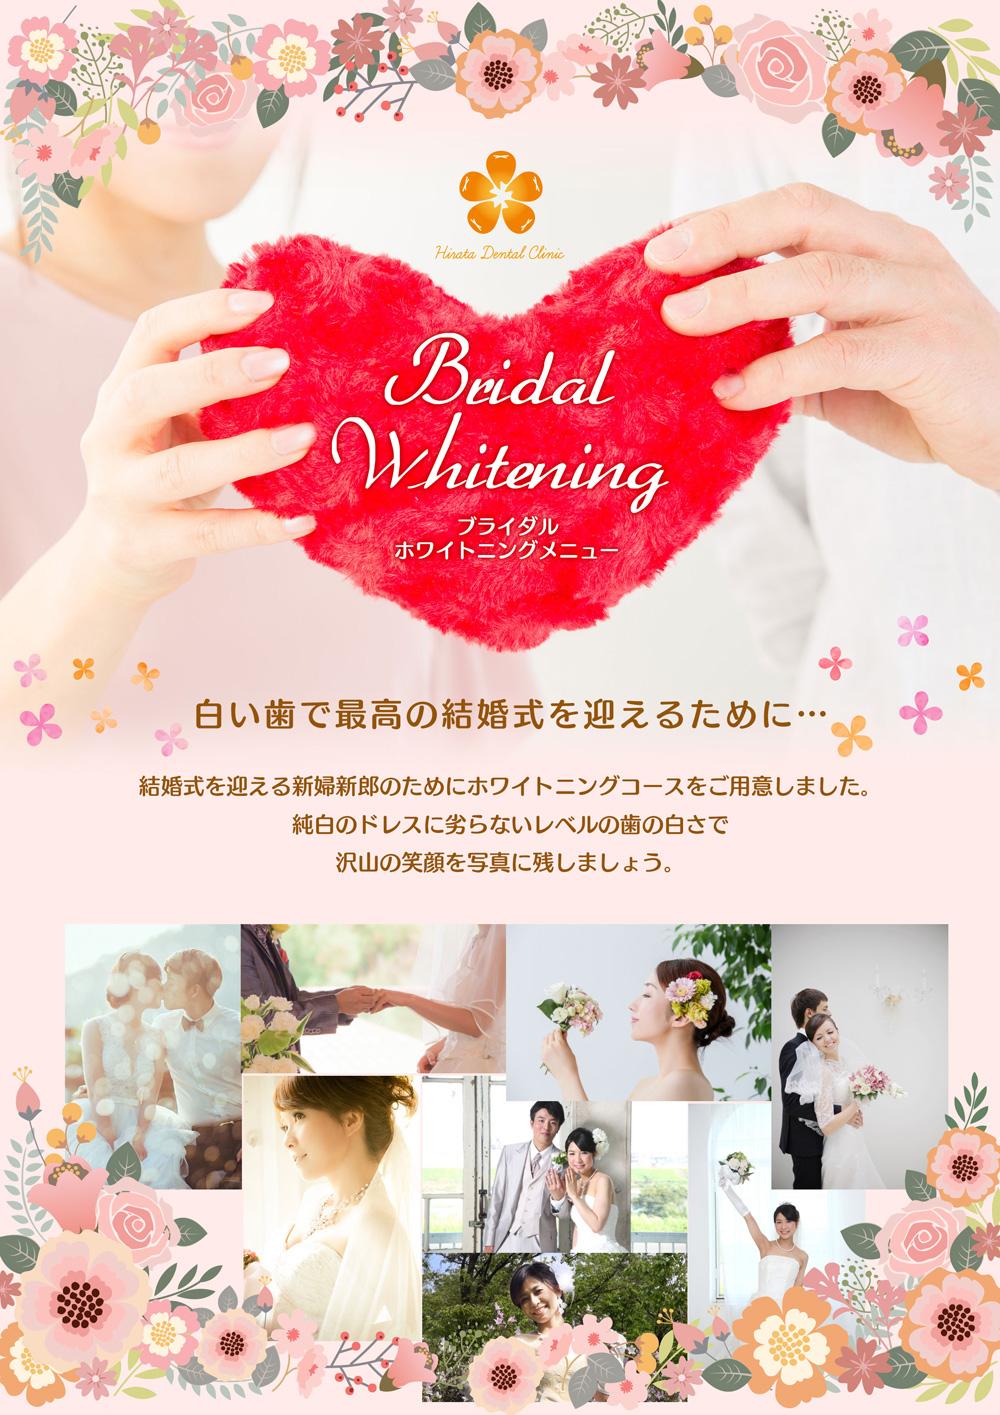 ブライダルホワイトニングメニュー登場!